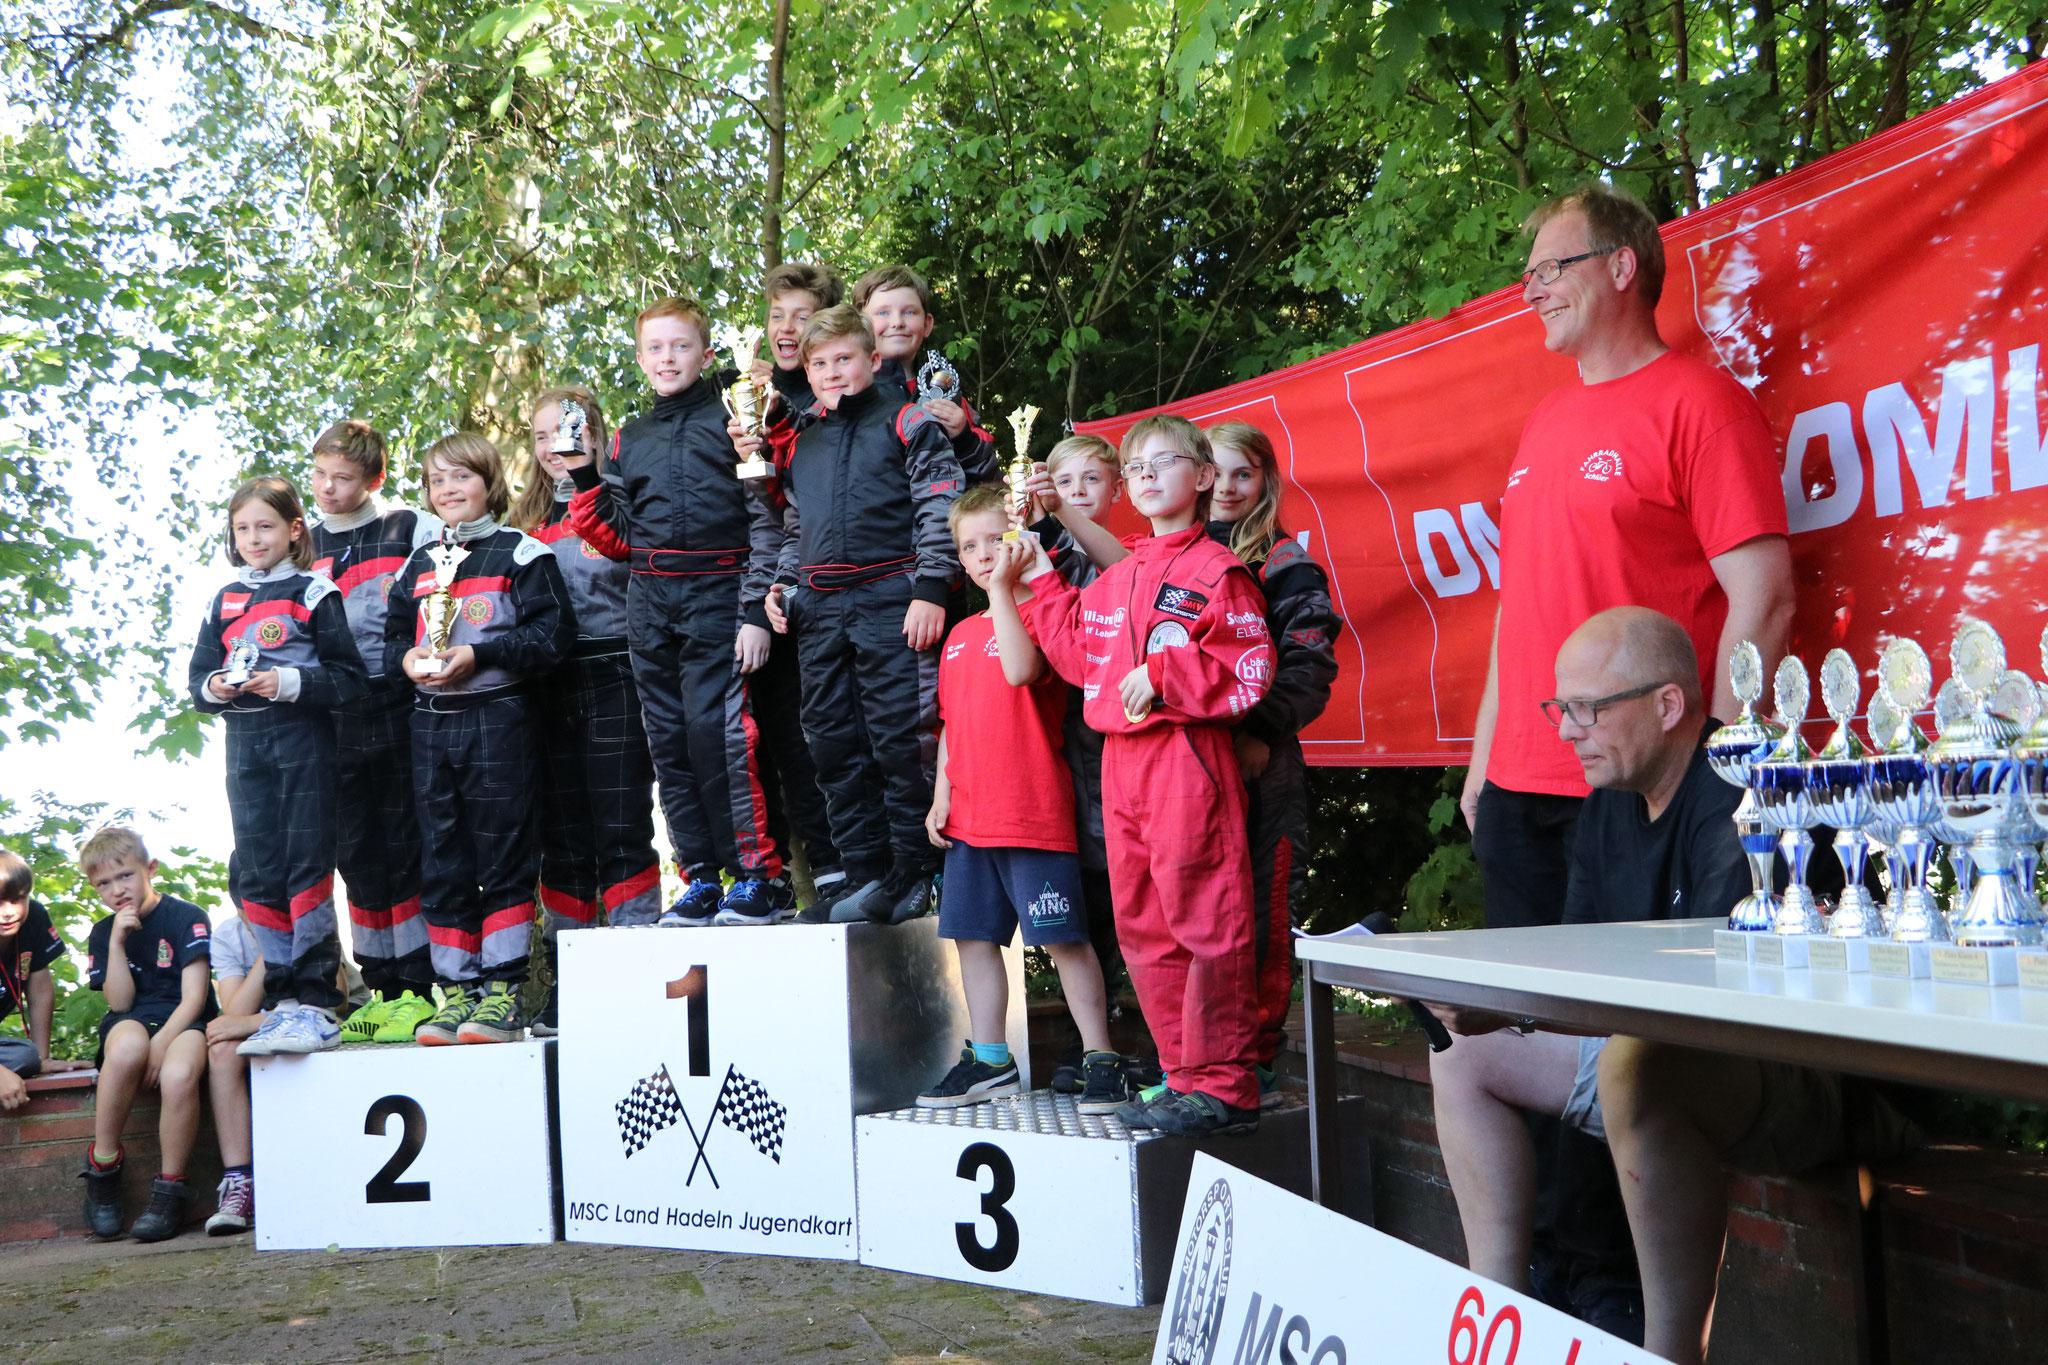 Die Youngstars MSC Land Hadeln 1 kamen auf den ersten Platz und MSC Land Hadeln 2 auf den dritten Platz